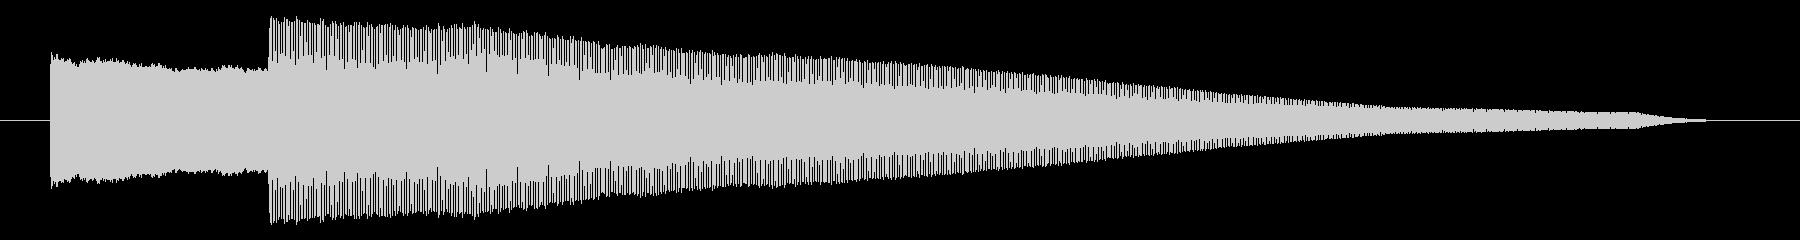 ピコー 決定 スタート 選択 セレクト音の未再生の波形